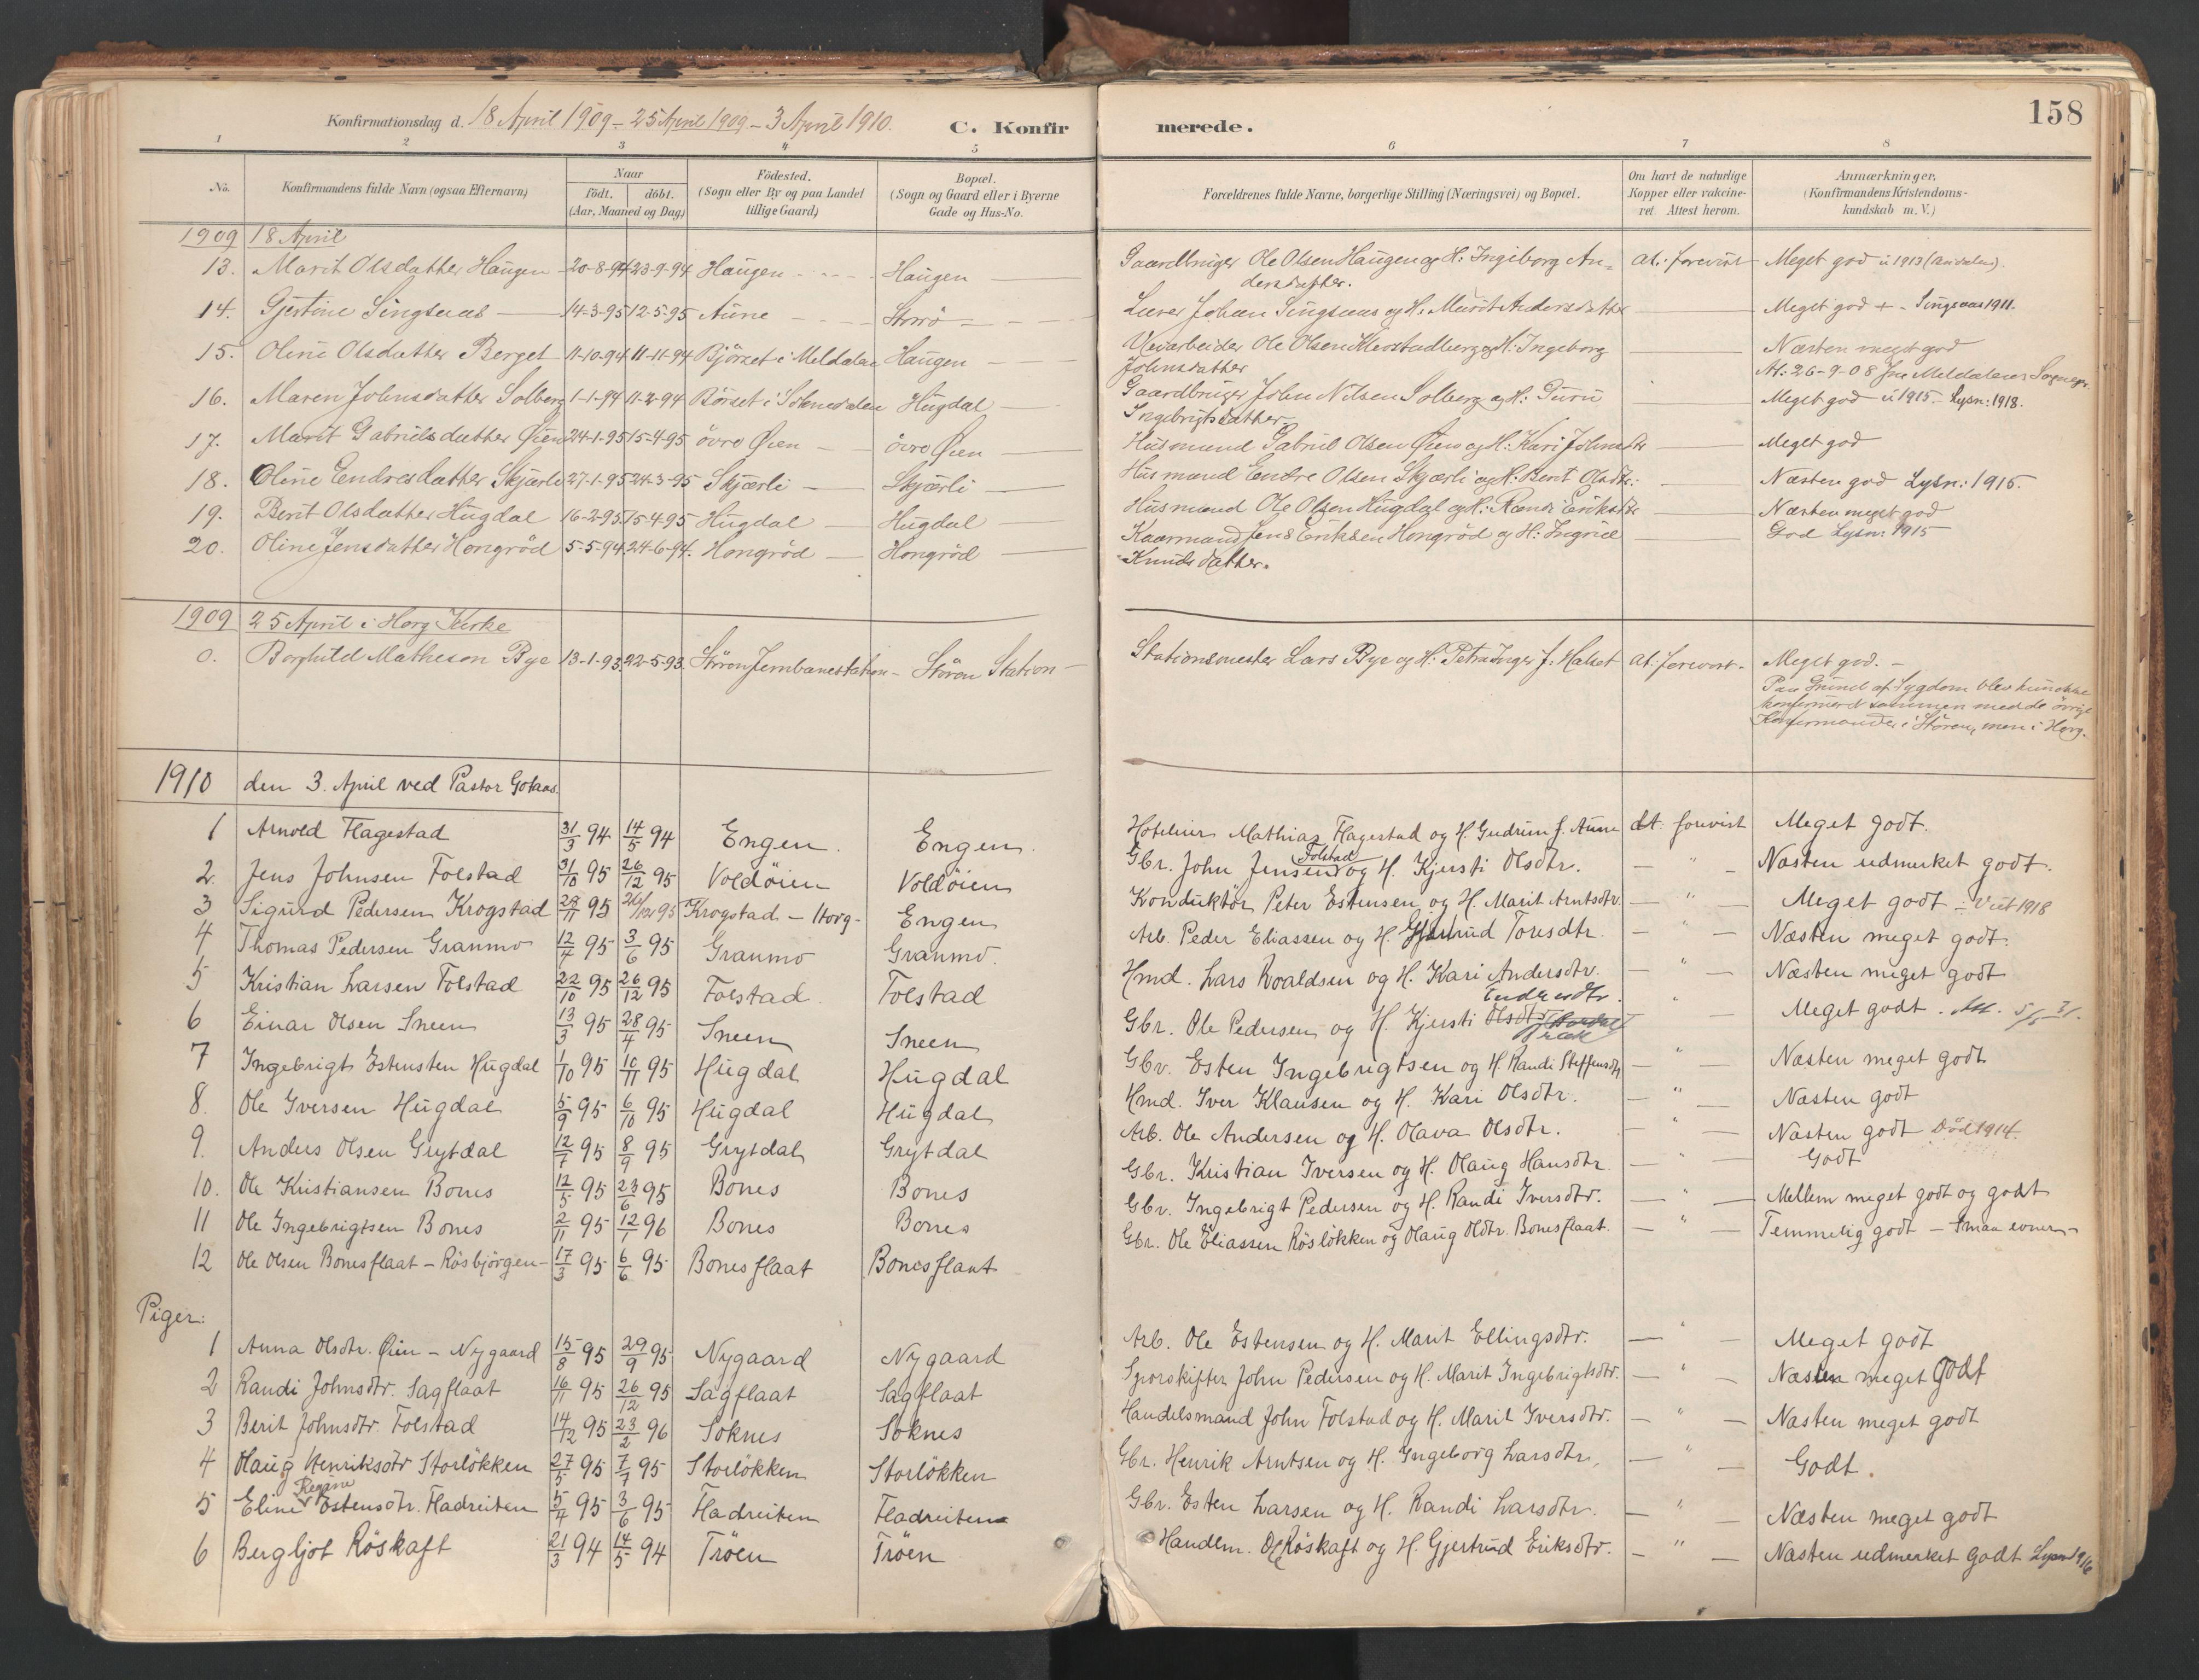 SAT, Ministerialprotokoller, klokkerbøker og fødselsregistre - Sør-Trøndelag, 687/L1004: Ministerialbok nr. 687A10, 1891-1923, s. 158